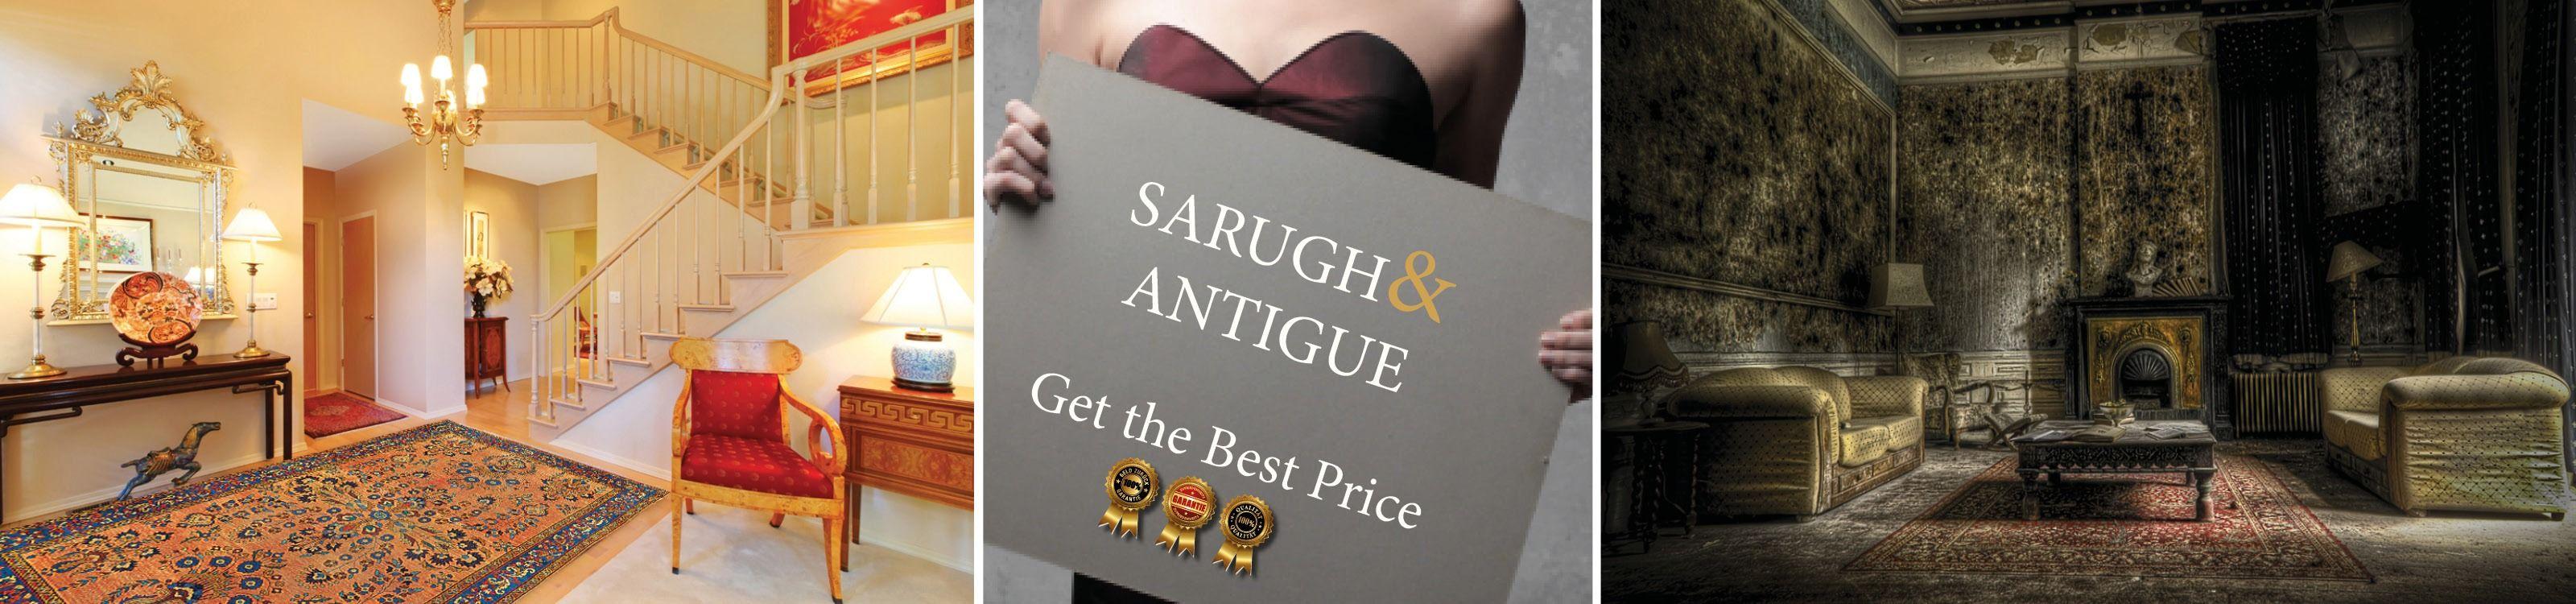 Sarough